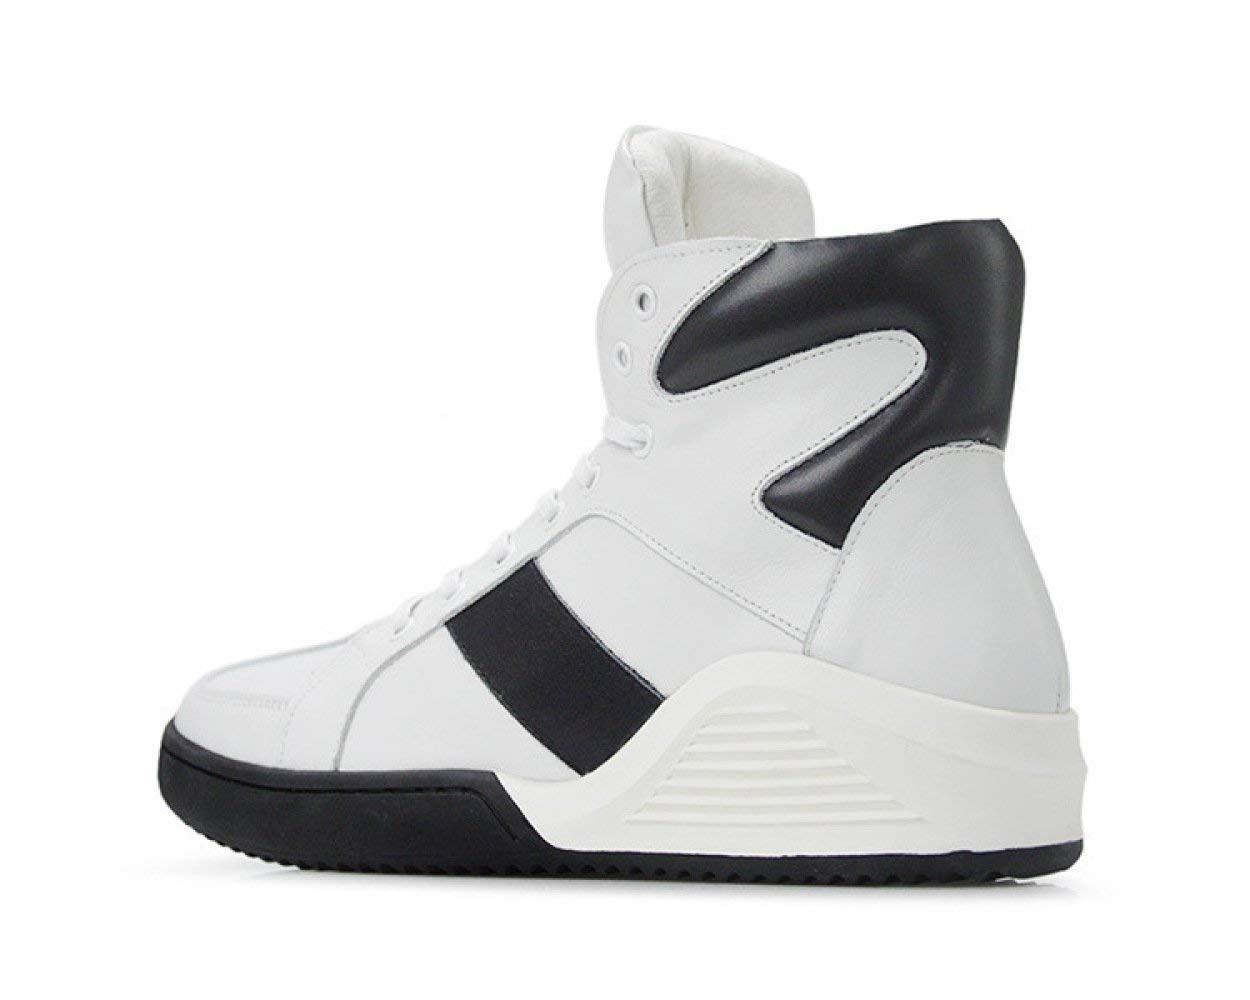 Willsego Männer Männer Männer Hip-Hop-Stil Basketball Schuhe Leder Atmungs Skateboard Schuhe Casual Sport Plateauschuhe (Farbe   Weiß, Größe   5UK(Foot Length 24.5cm)) 71b3c6